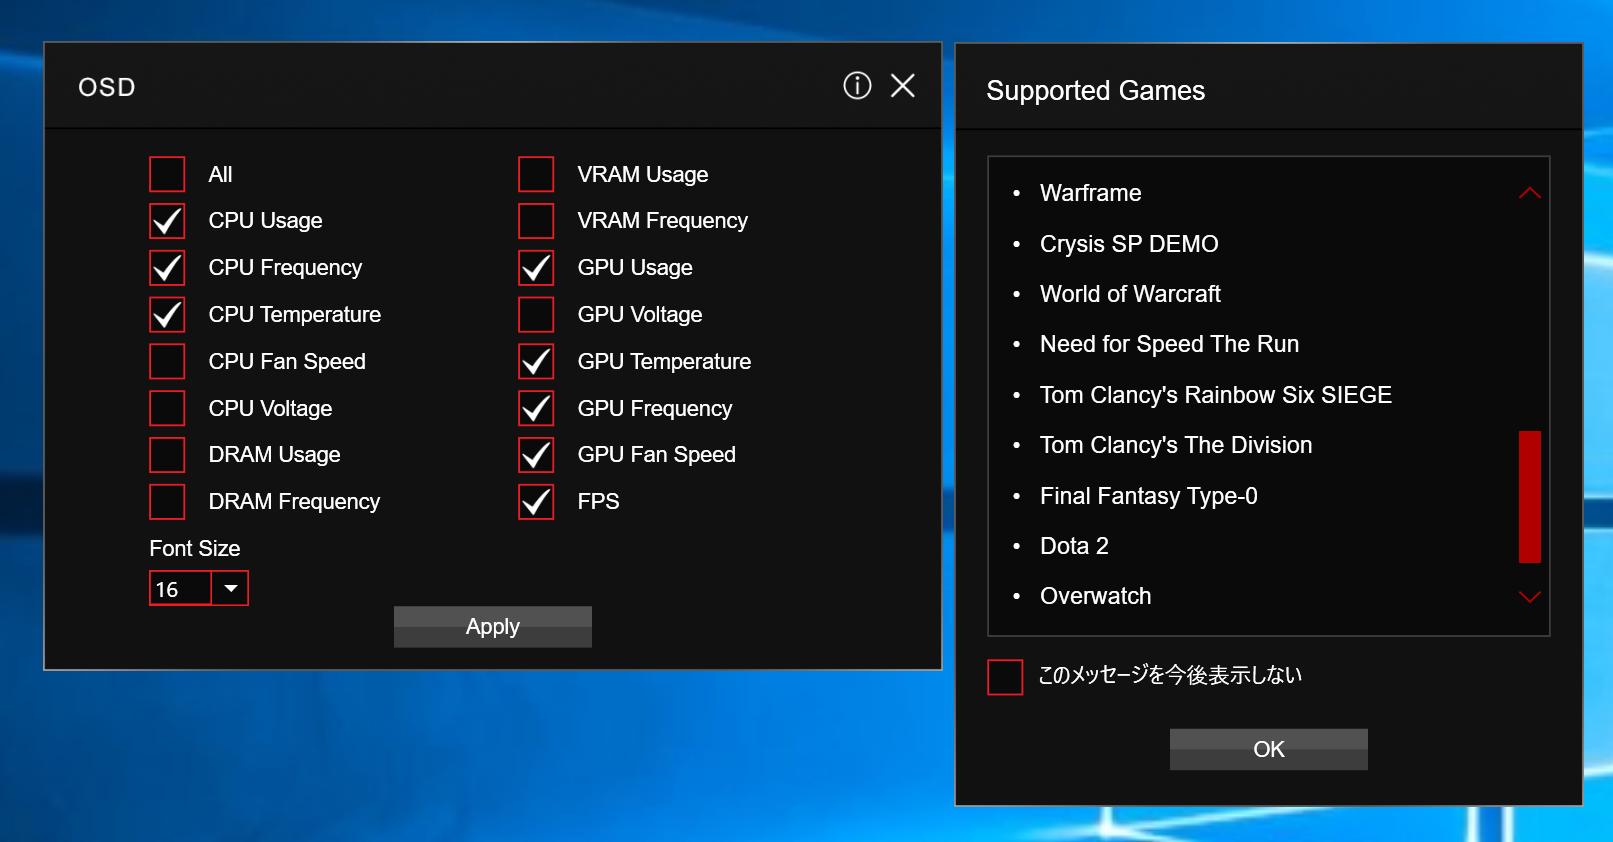 画像] GeForce GTX 10搭載のMSI GAMINGカードを上から下まで一斉